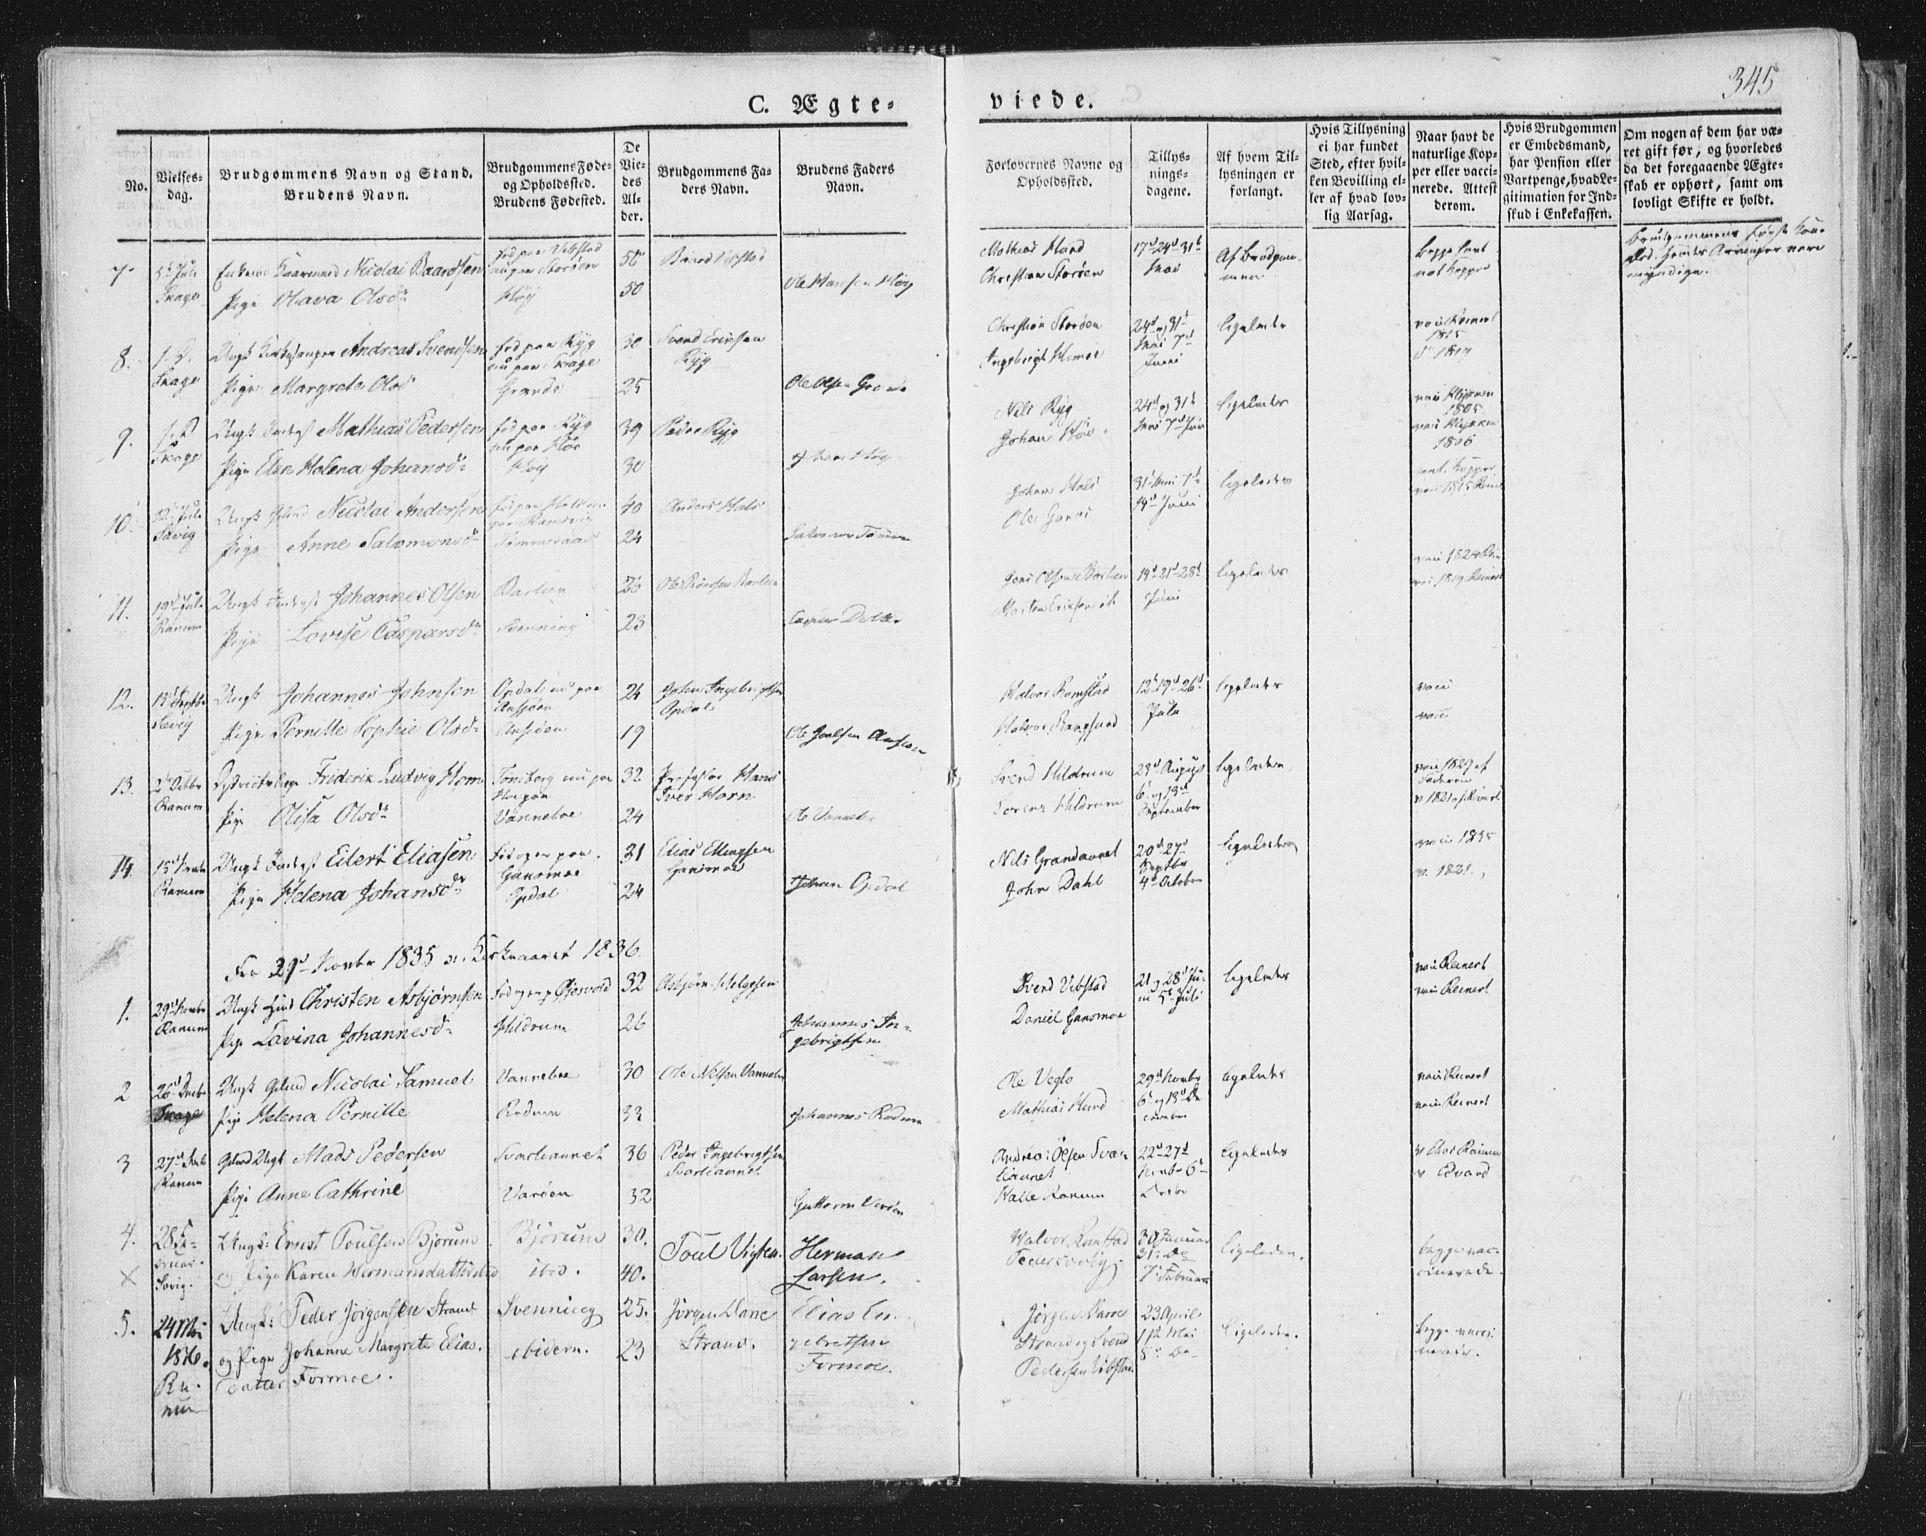 SAT, Ministerialprotokoller, klokkerbøker og fødselsregistre - Nord-Trøndelag, 764/L0552: Ministerialbok nr. 764A07b, 1824-1865, s. 345